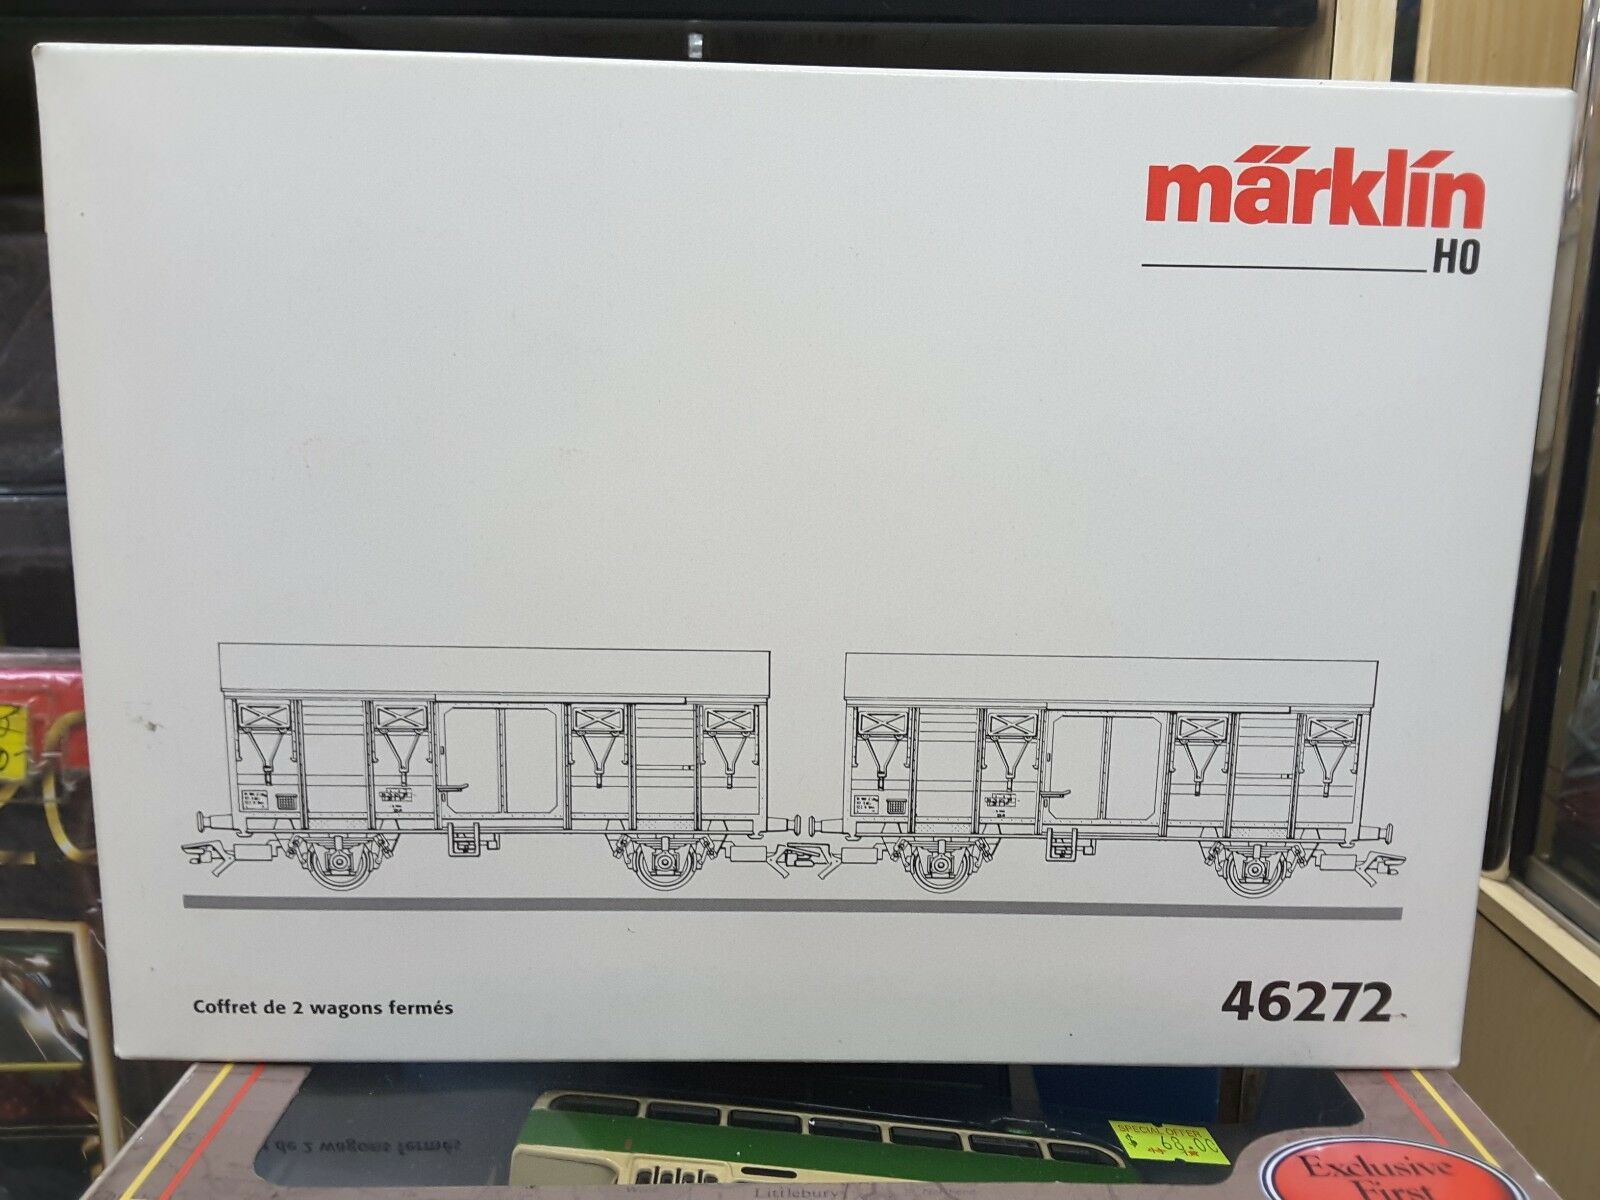 Marklin HO AC Coffret De 2 Wagen Fermes